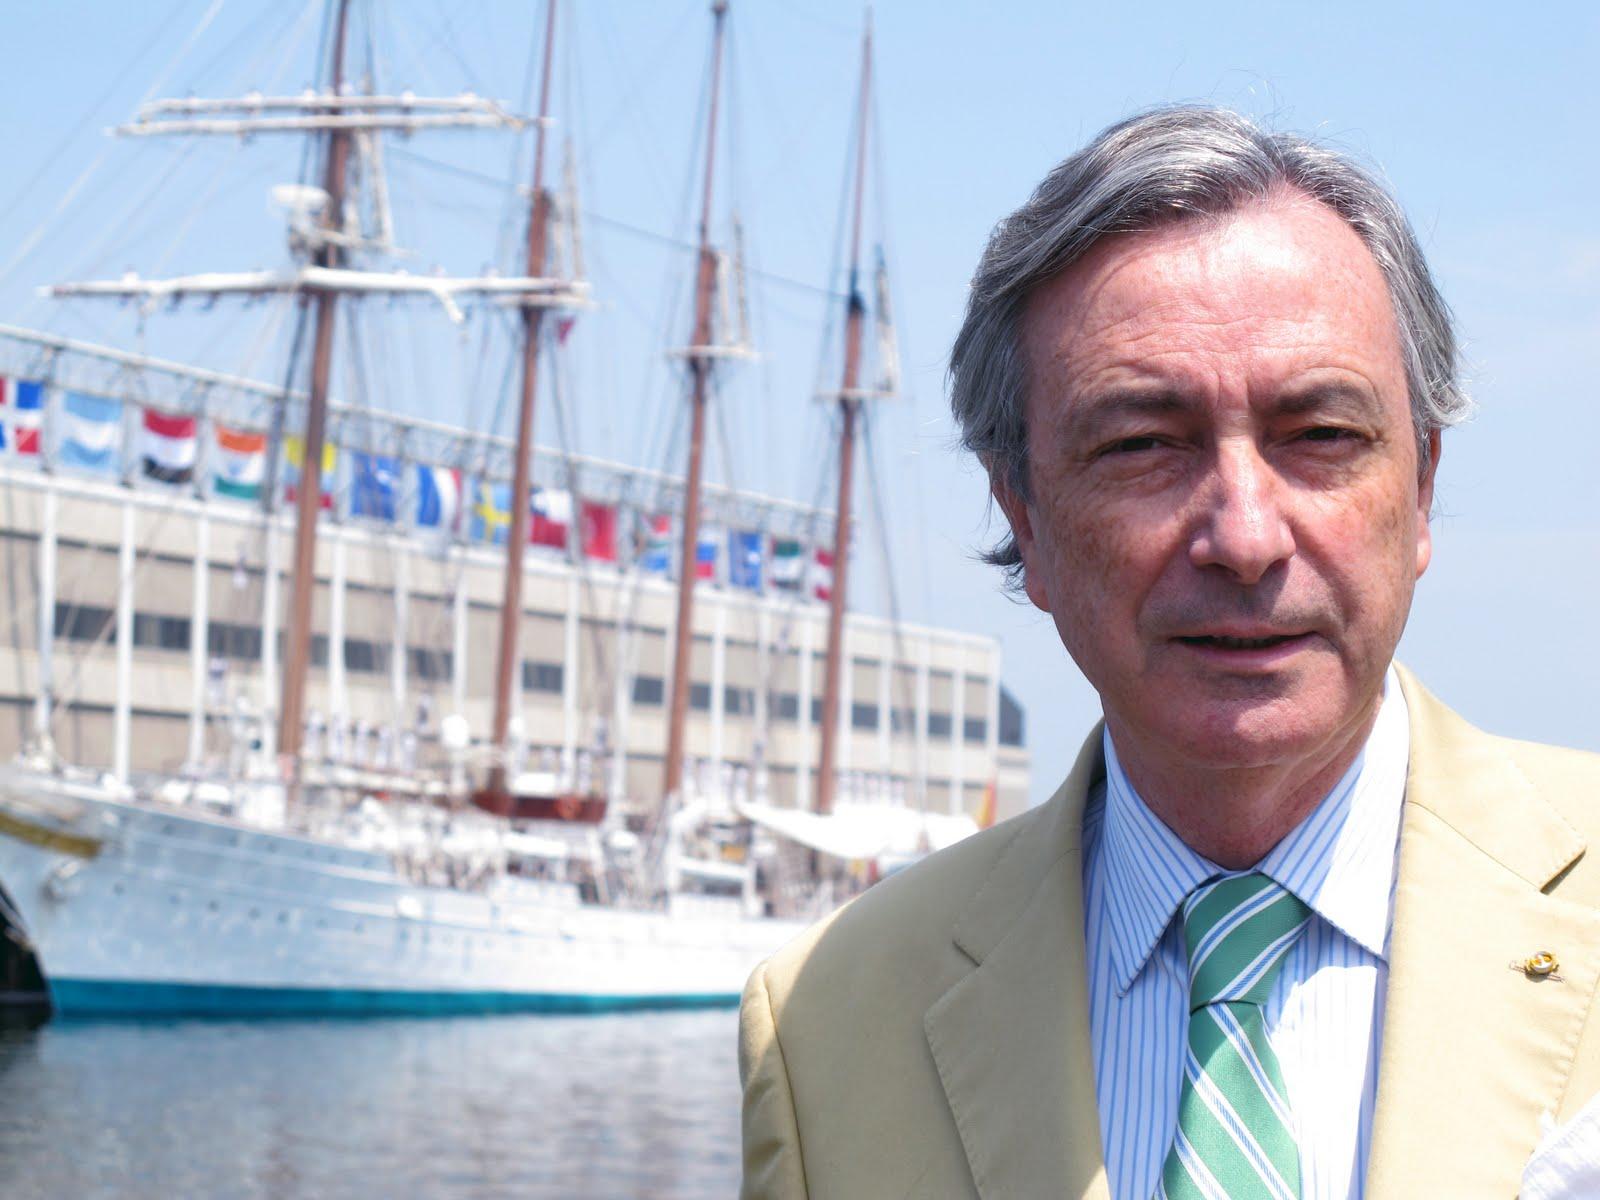 Juan Sebastián Elcano Ferdinand Magellan S Replacement: El Blog De Estrella / Estrella's Blog: Isabel La Católica